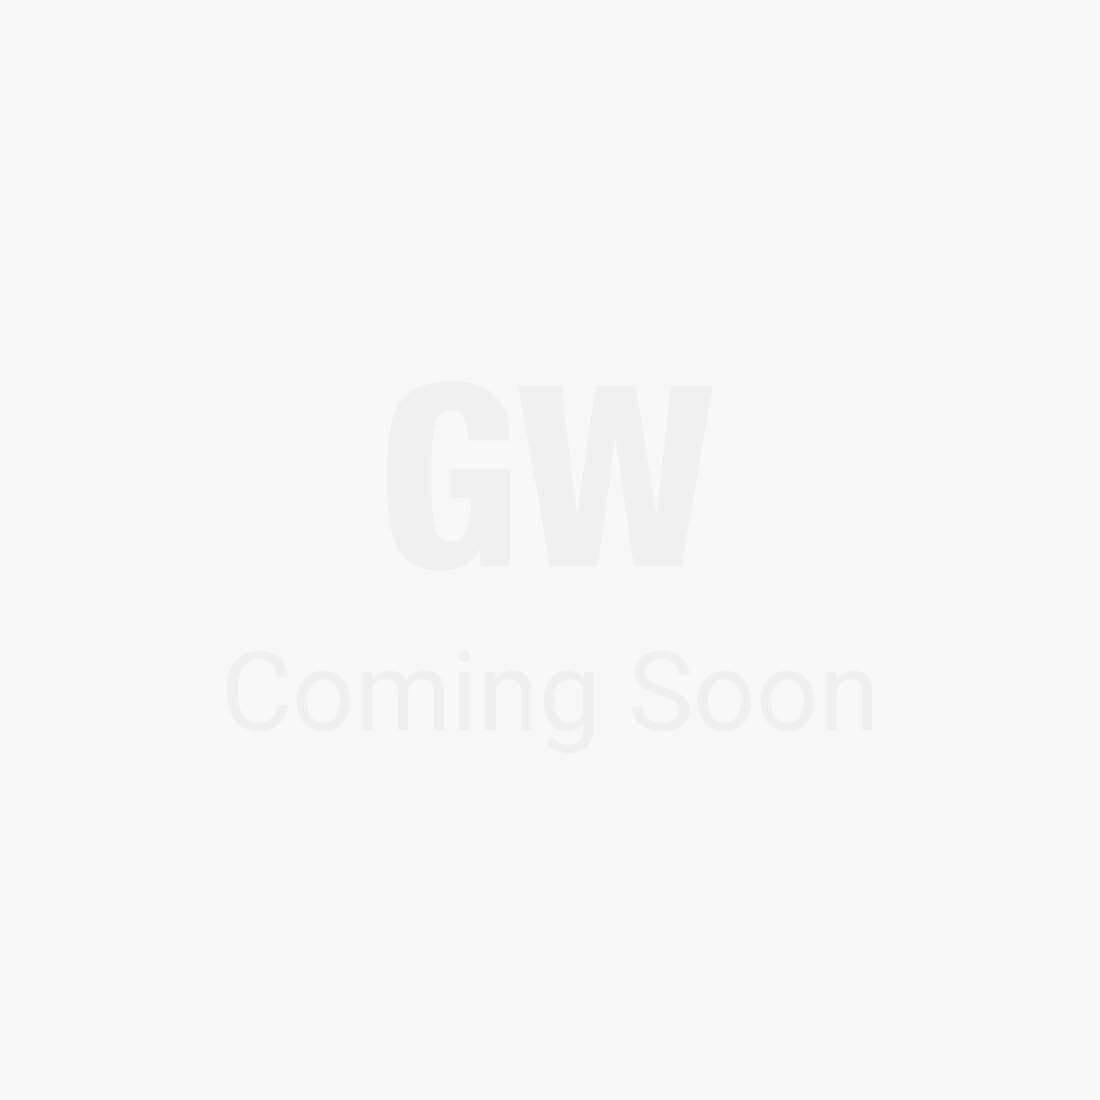 Positano Woven Round Arm Chair